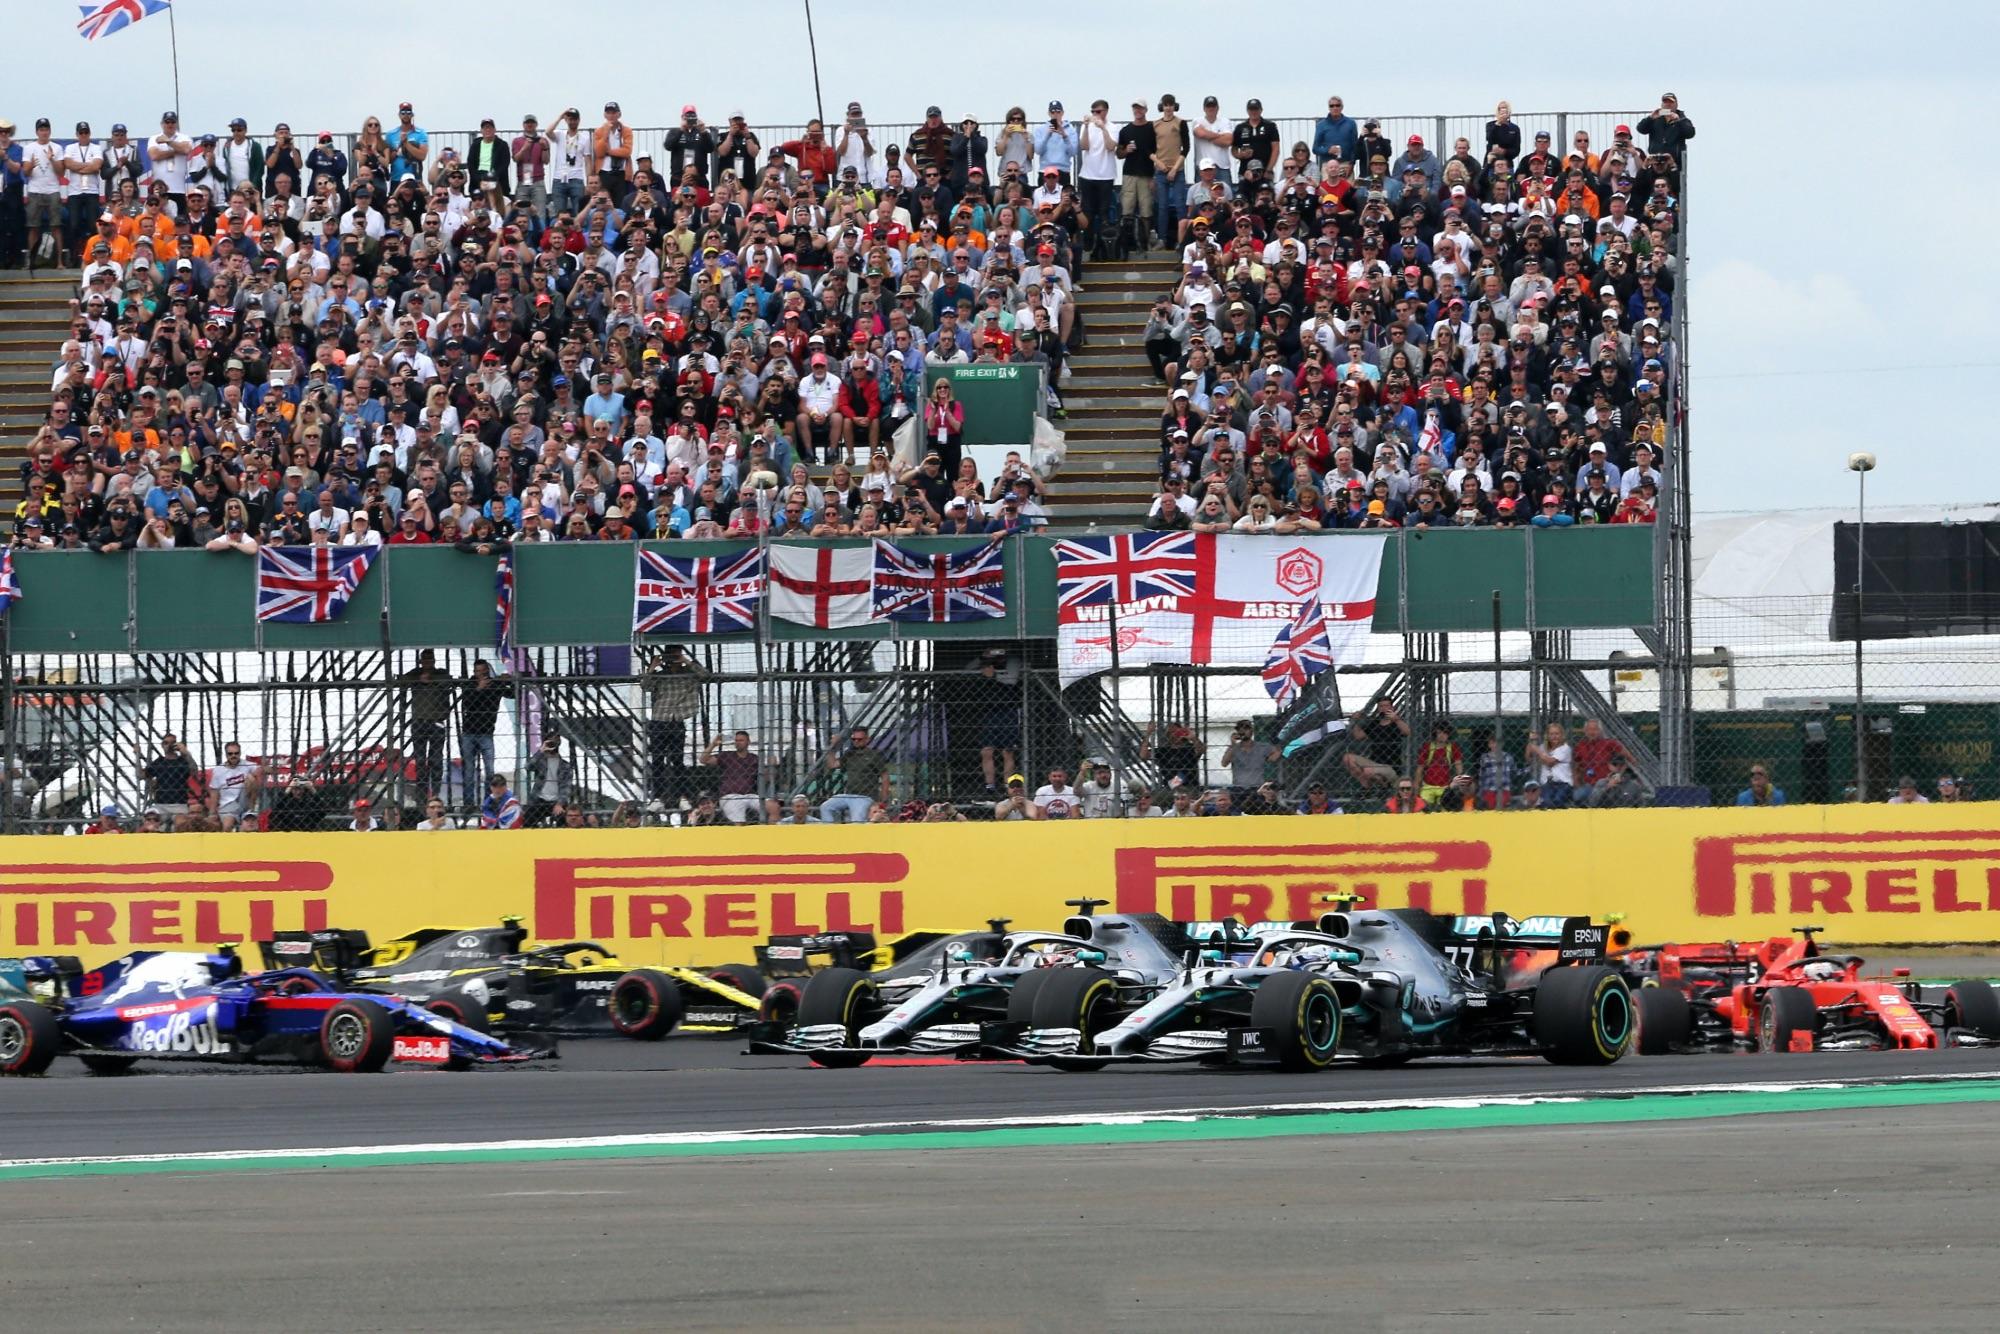 Start of the 2019 British GP